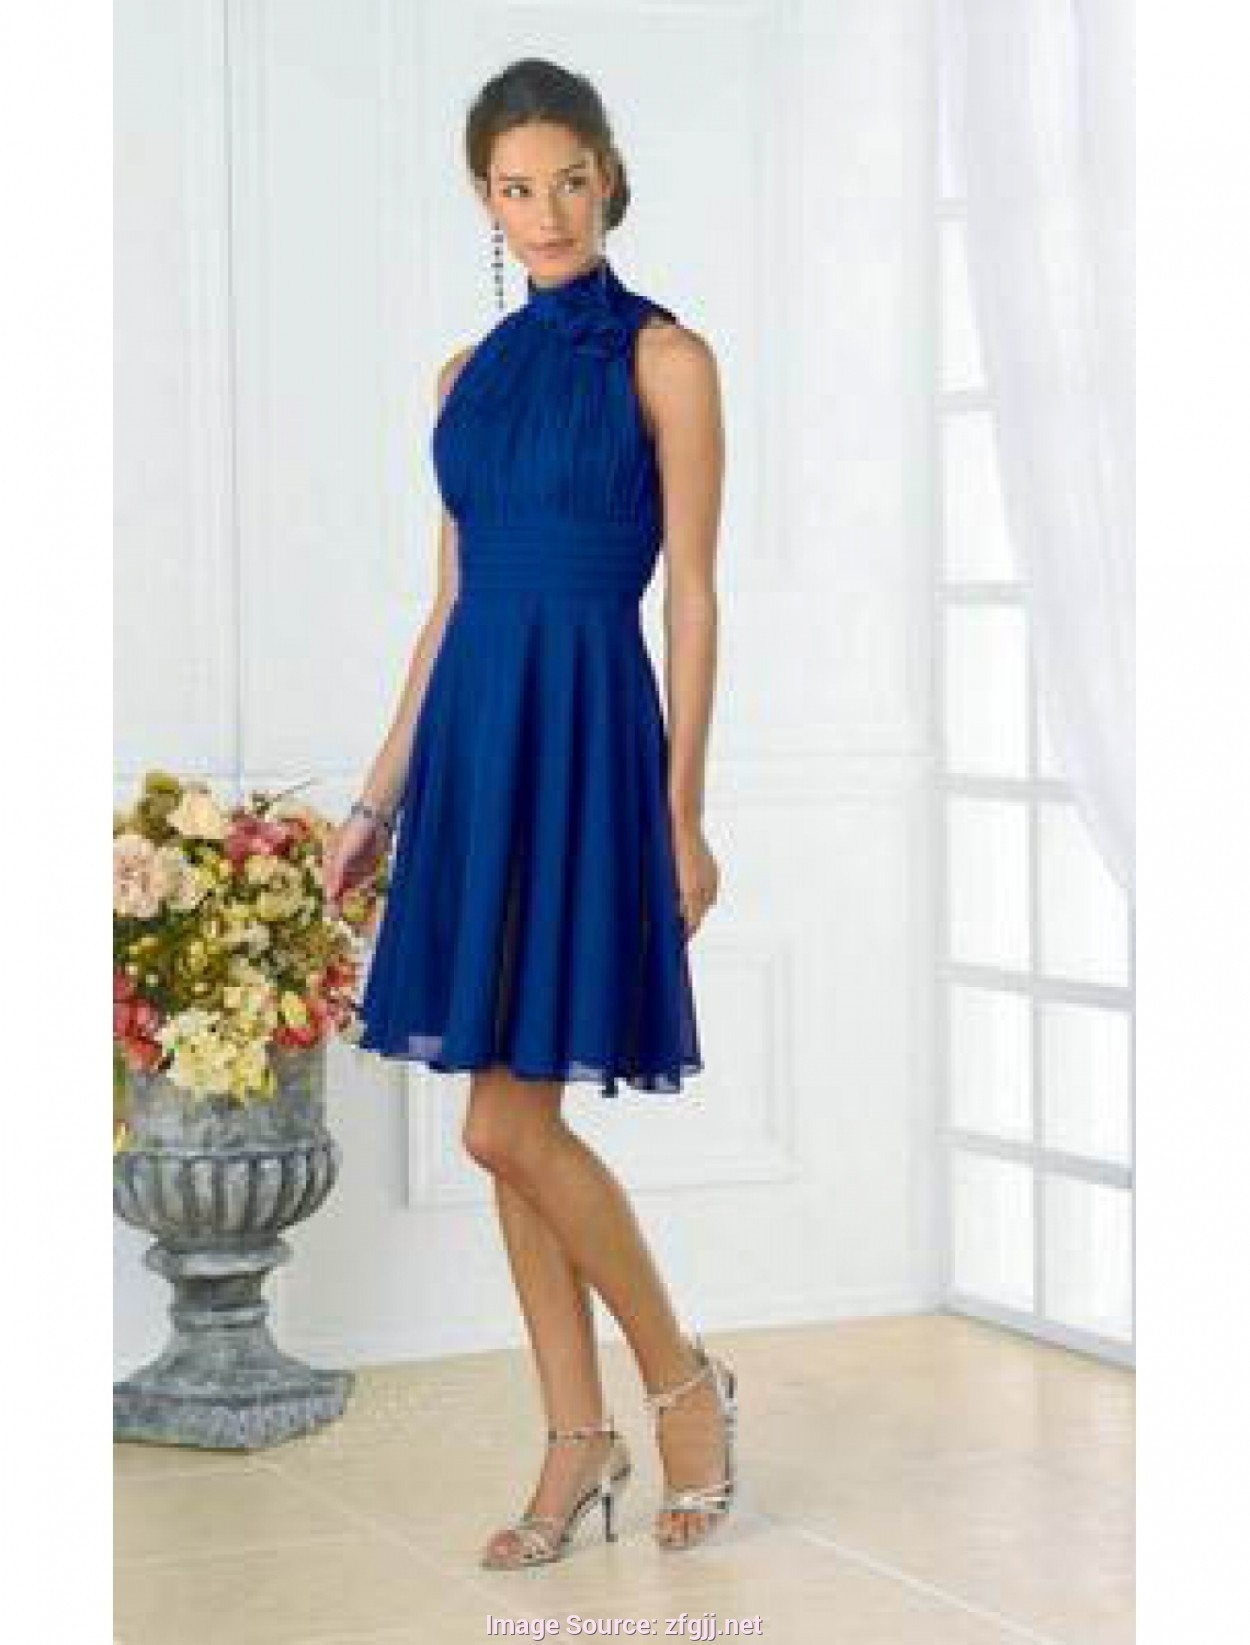 Abend Cool Blaue Kleider Hochzeit DesignFormal Cool Blaue Kleider Hochzeit Spezialgebiet